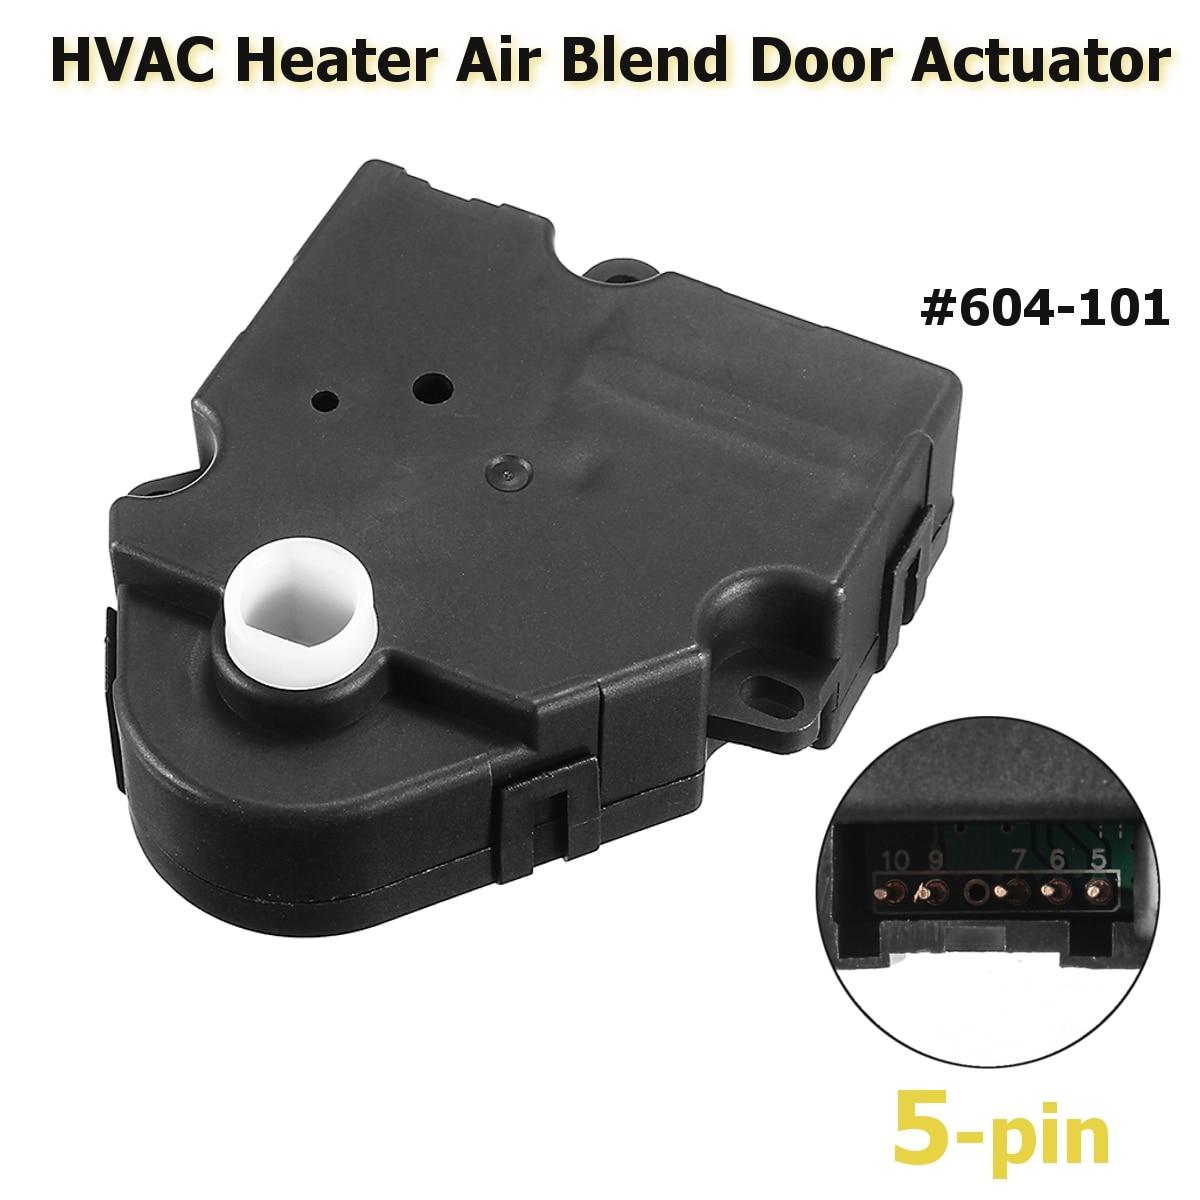 #604-101 HVAC Heater Air Blend Door Actuator For Cadillac/Chevrolet/GMC Escalade Silverado Yukon 1999 2000 2001 2002